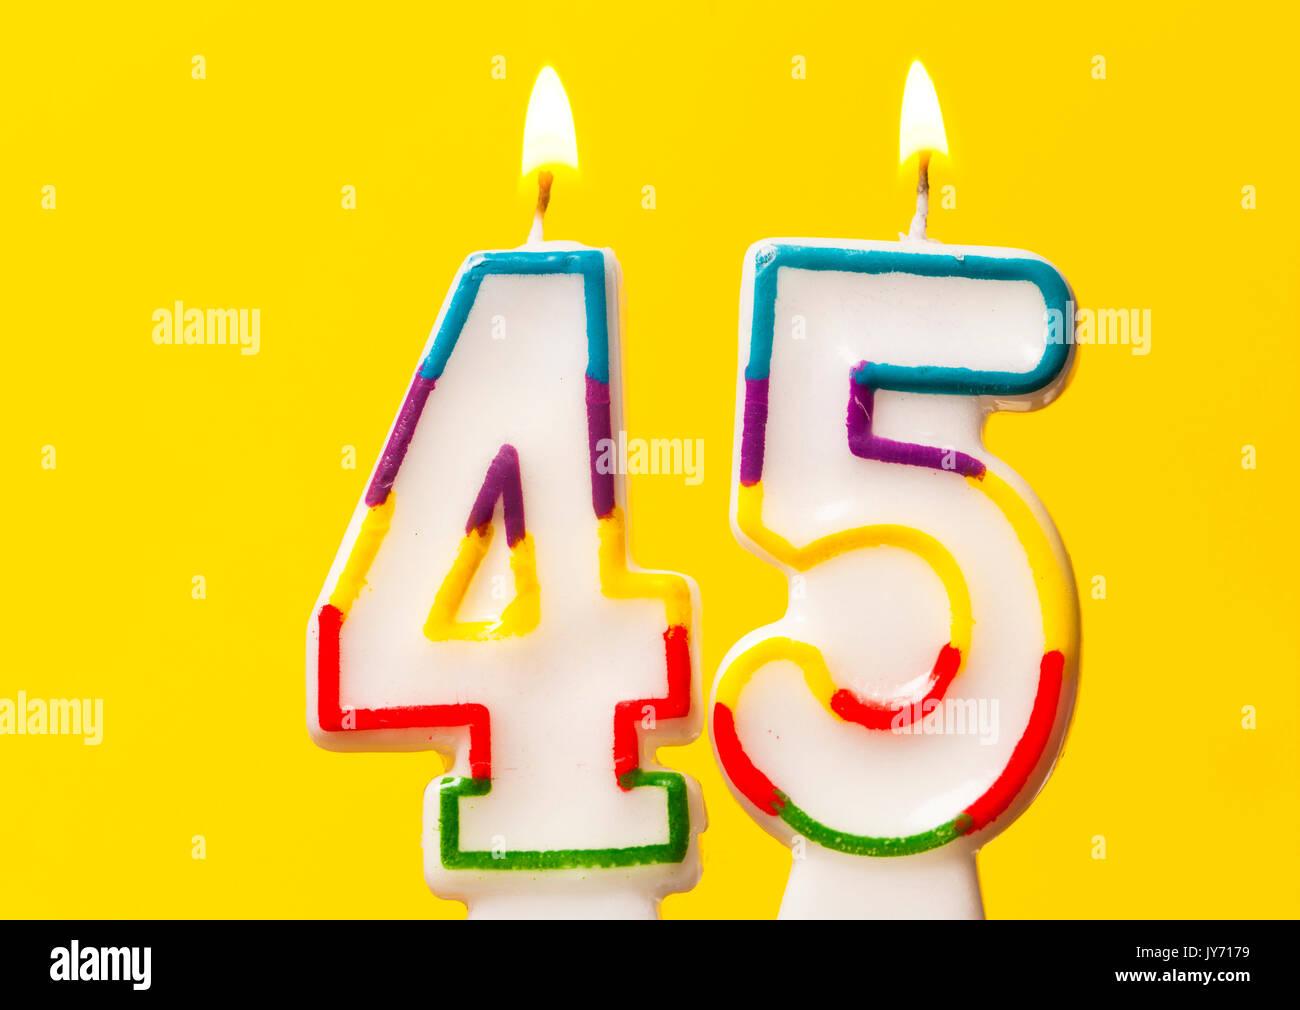 Nummer 45 Geburtstag Kerze Gegen Einen Hellen Hintergrund Gelb